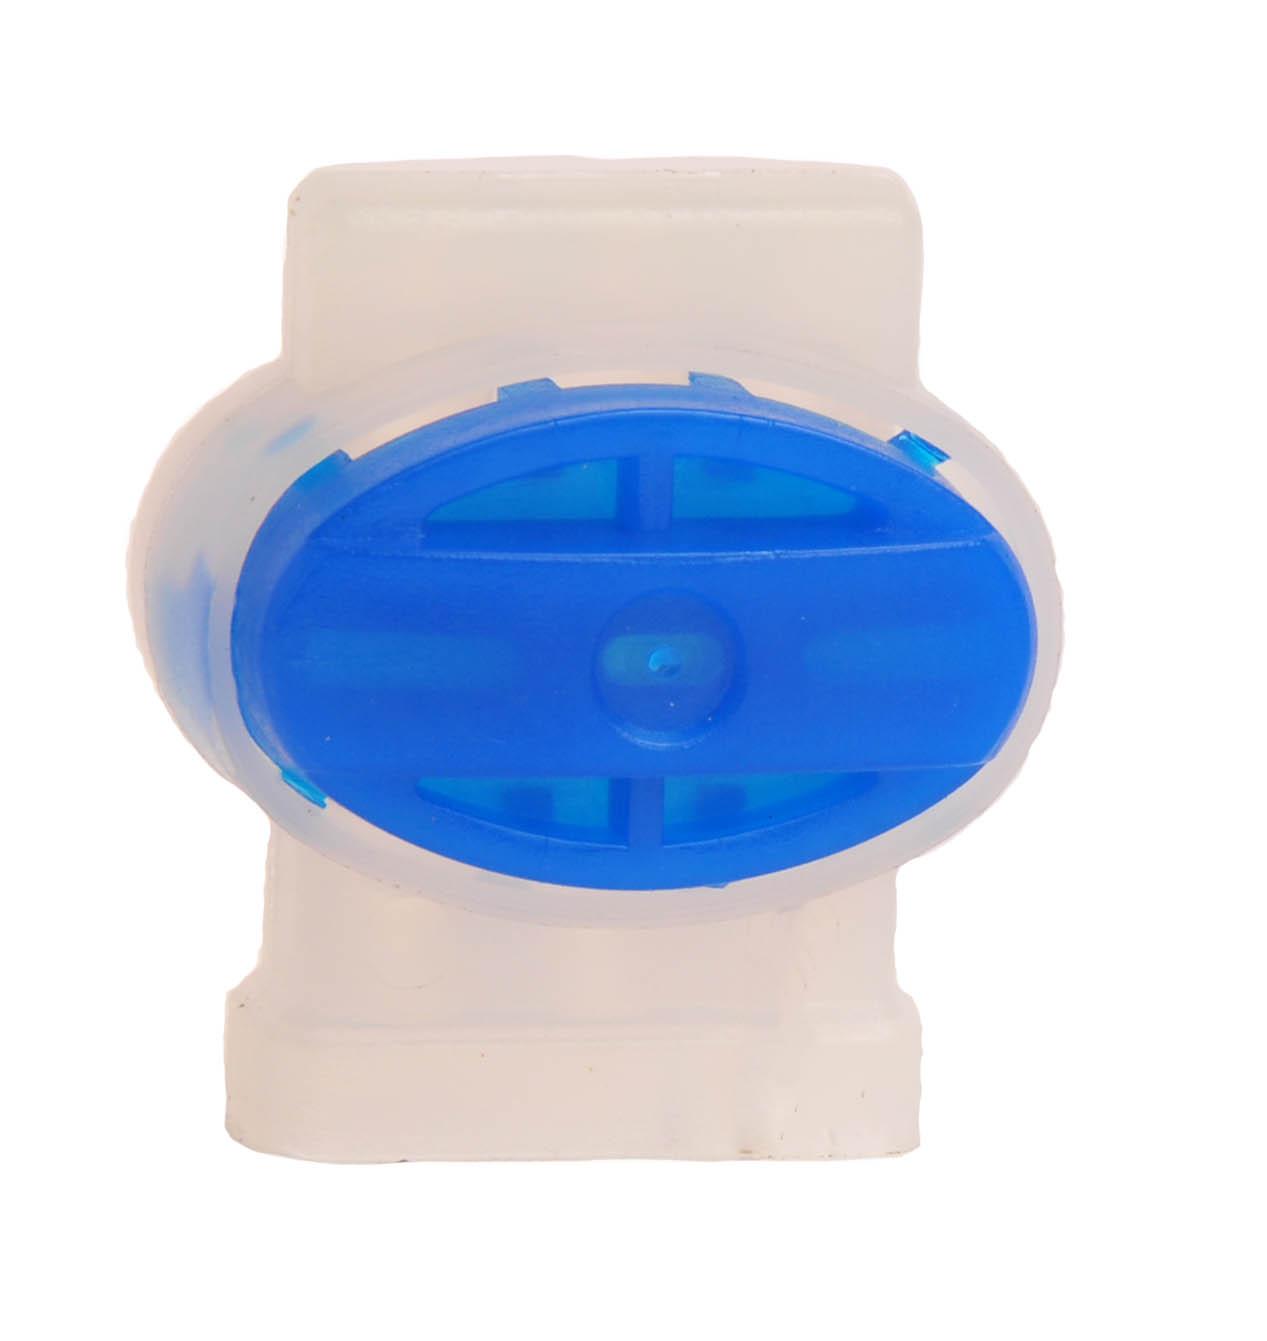 22-14 Moisture Resistant IDC